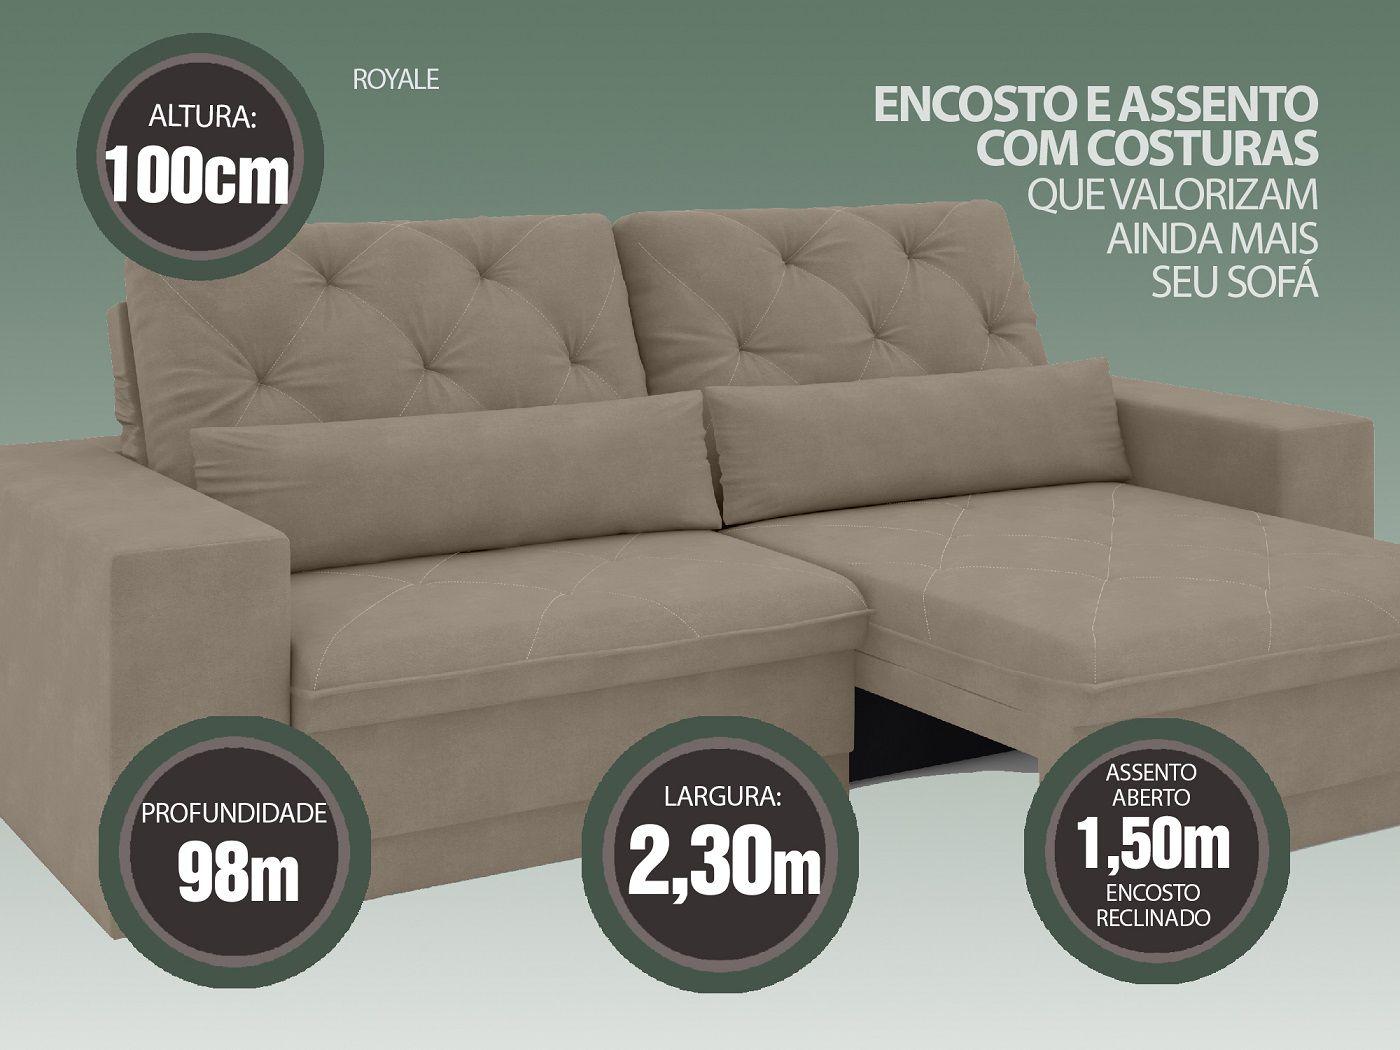 Sofá 4 Lugares Net Royale Assento Retrátil e Reclinável Capuccino 2,30m (L)